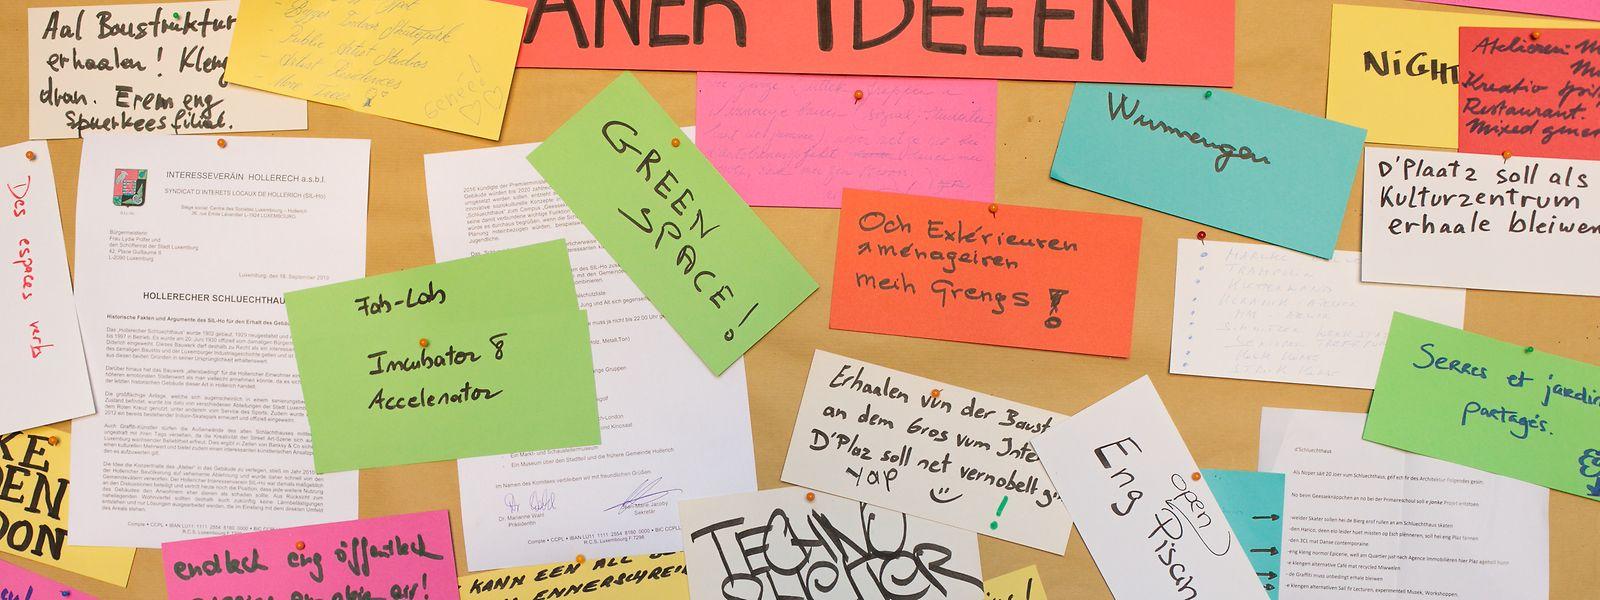 Zahlreiche Ideen sammelten die Stadtverantwortlichen bei der Porte ouverte am Samstag.